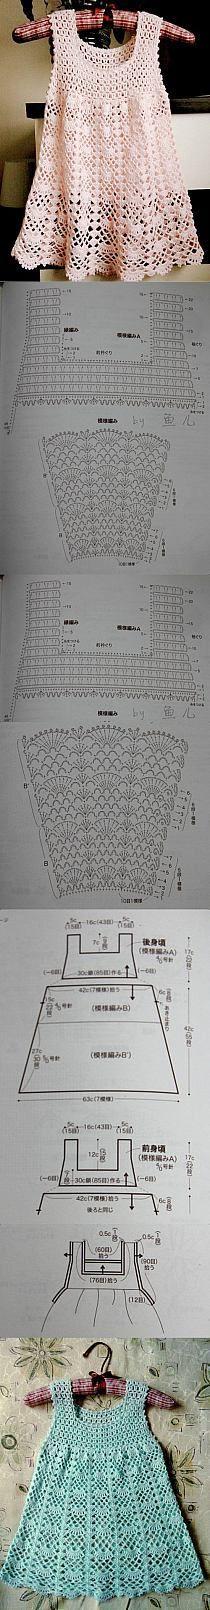 OFICINA DO BARRADO: Croche - B |